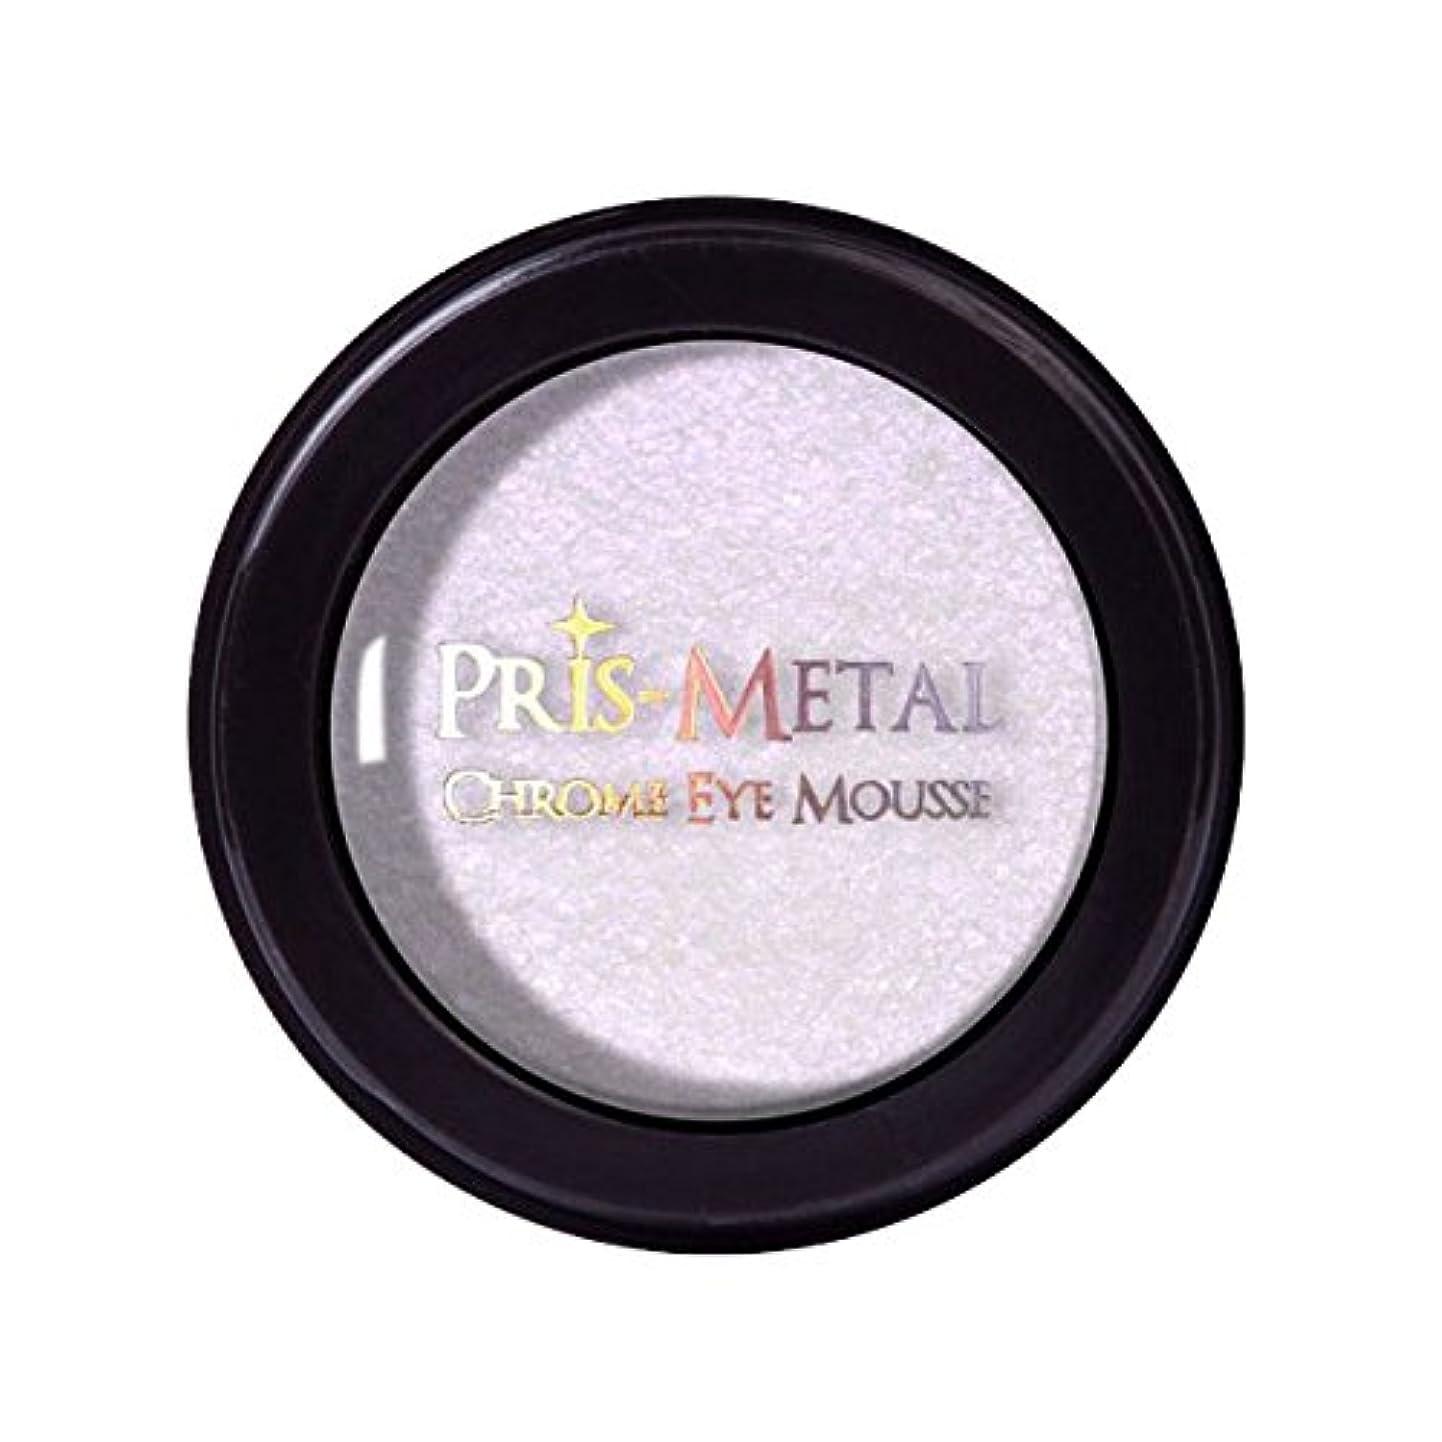 クリーナー天国襟J. CAT BEAUTY Pris-Metal Chrome Eye Mousse - Pinky Promise (並行輸入品)